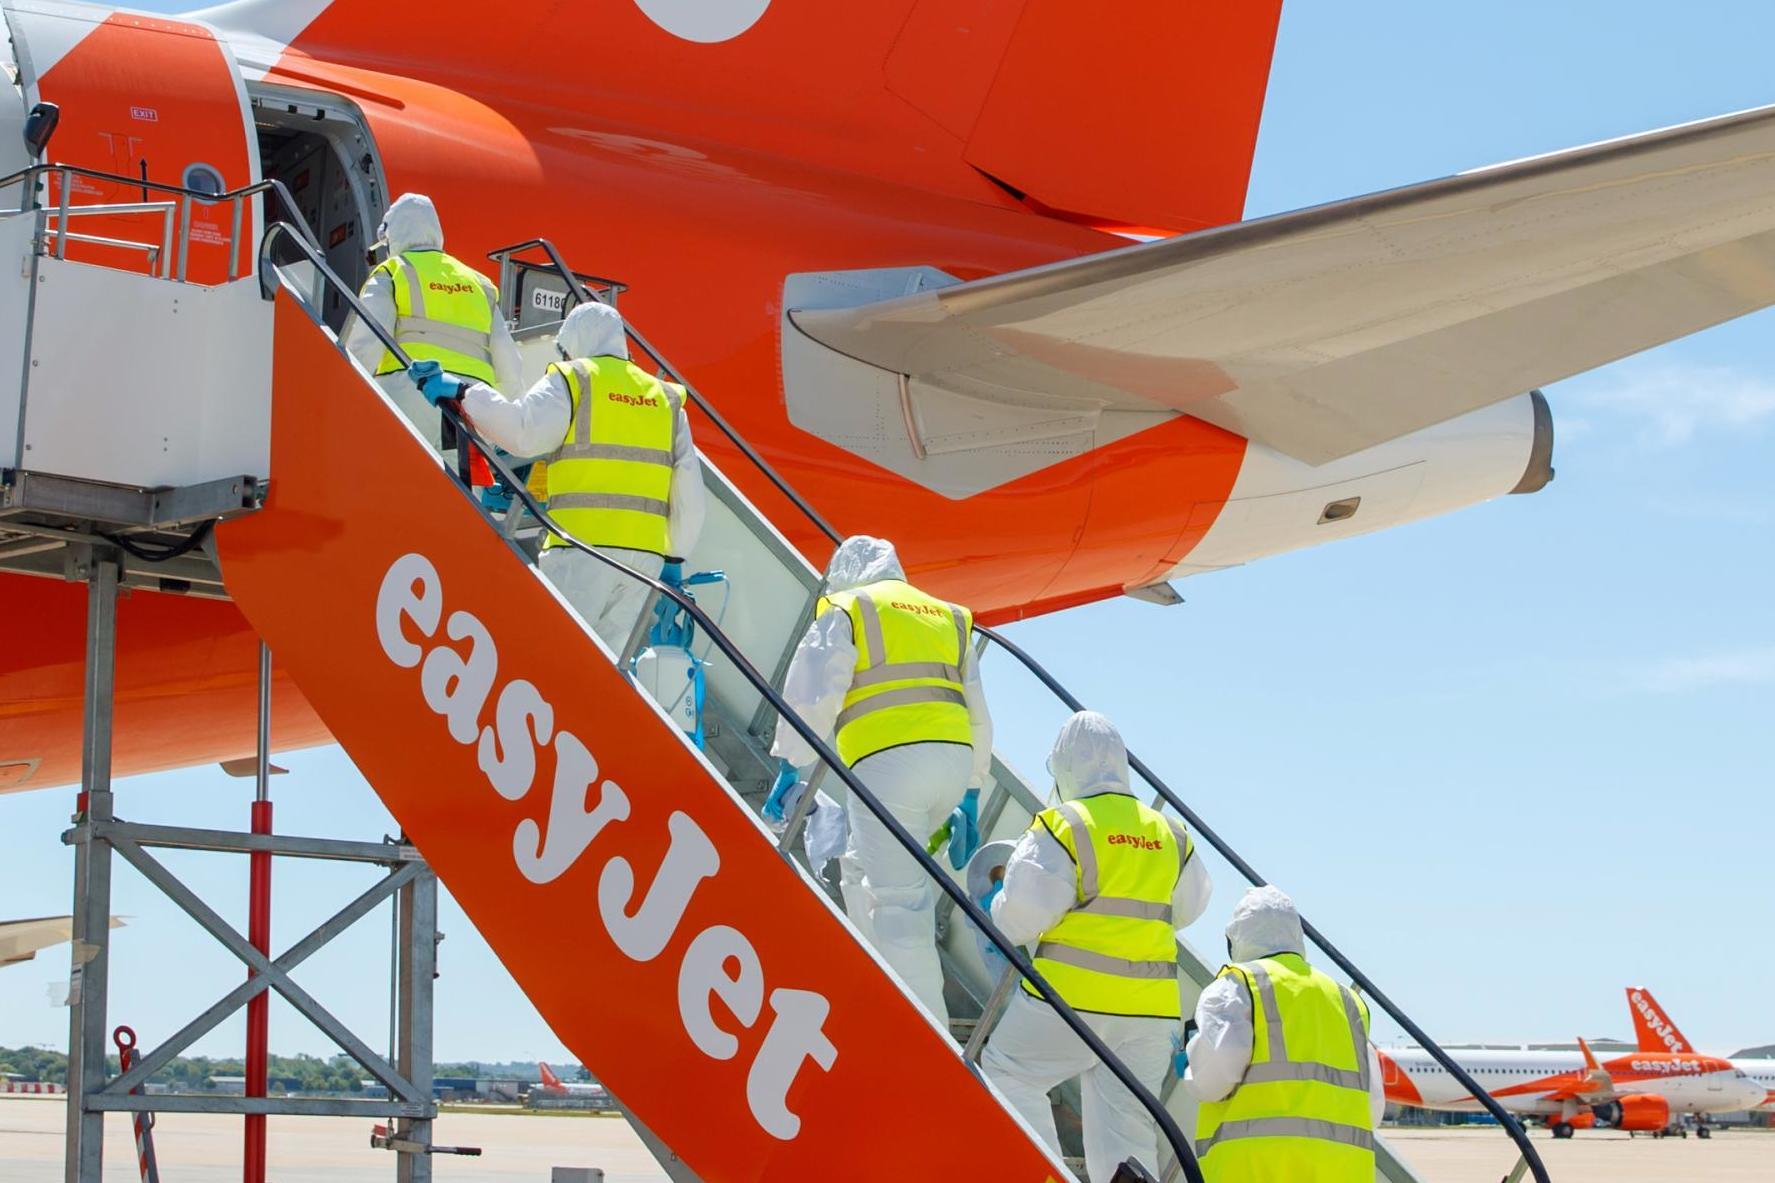 EasyJet to resume flying on 15 June